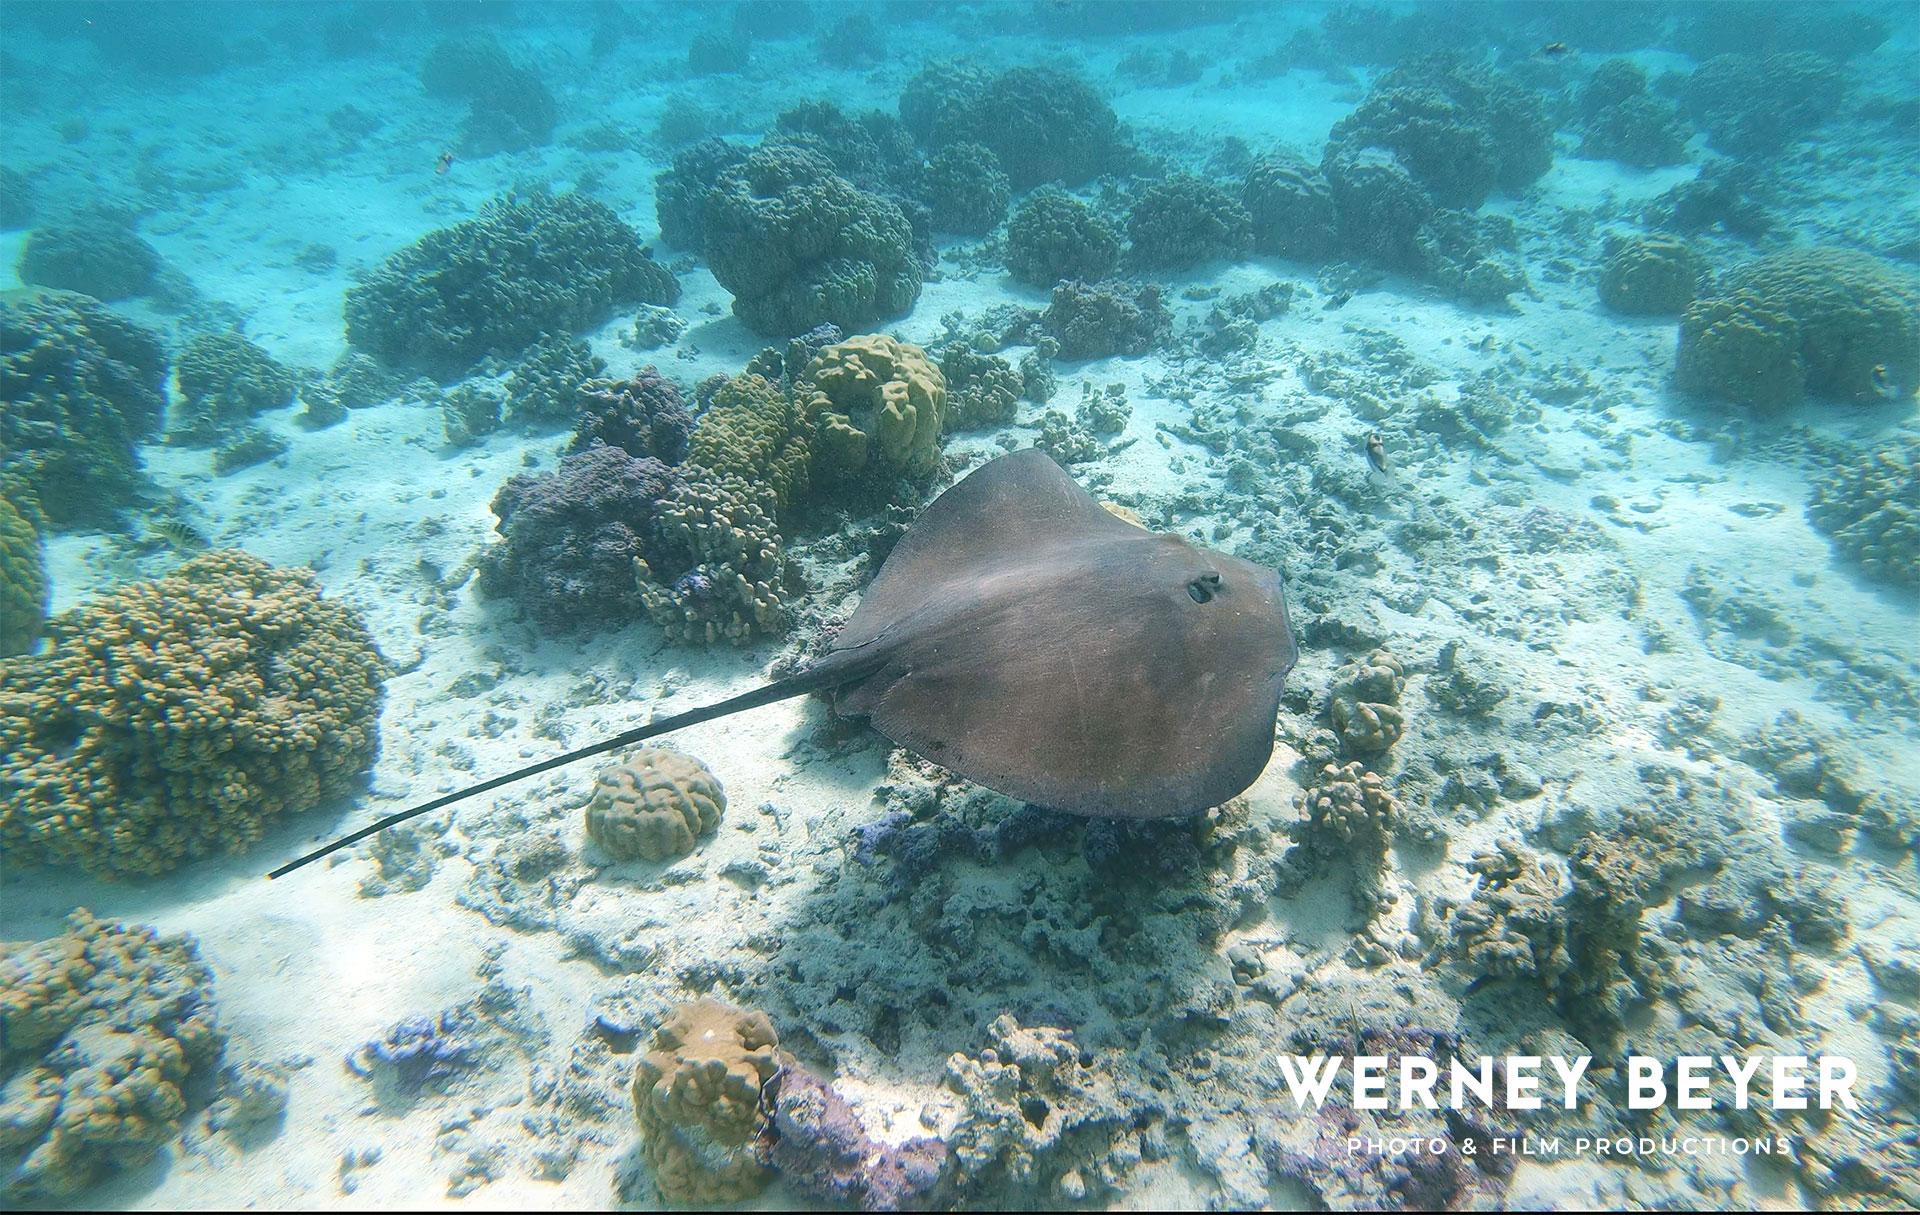 Stingray, Bora Bora, French Polynesia